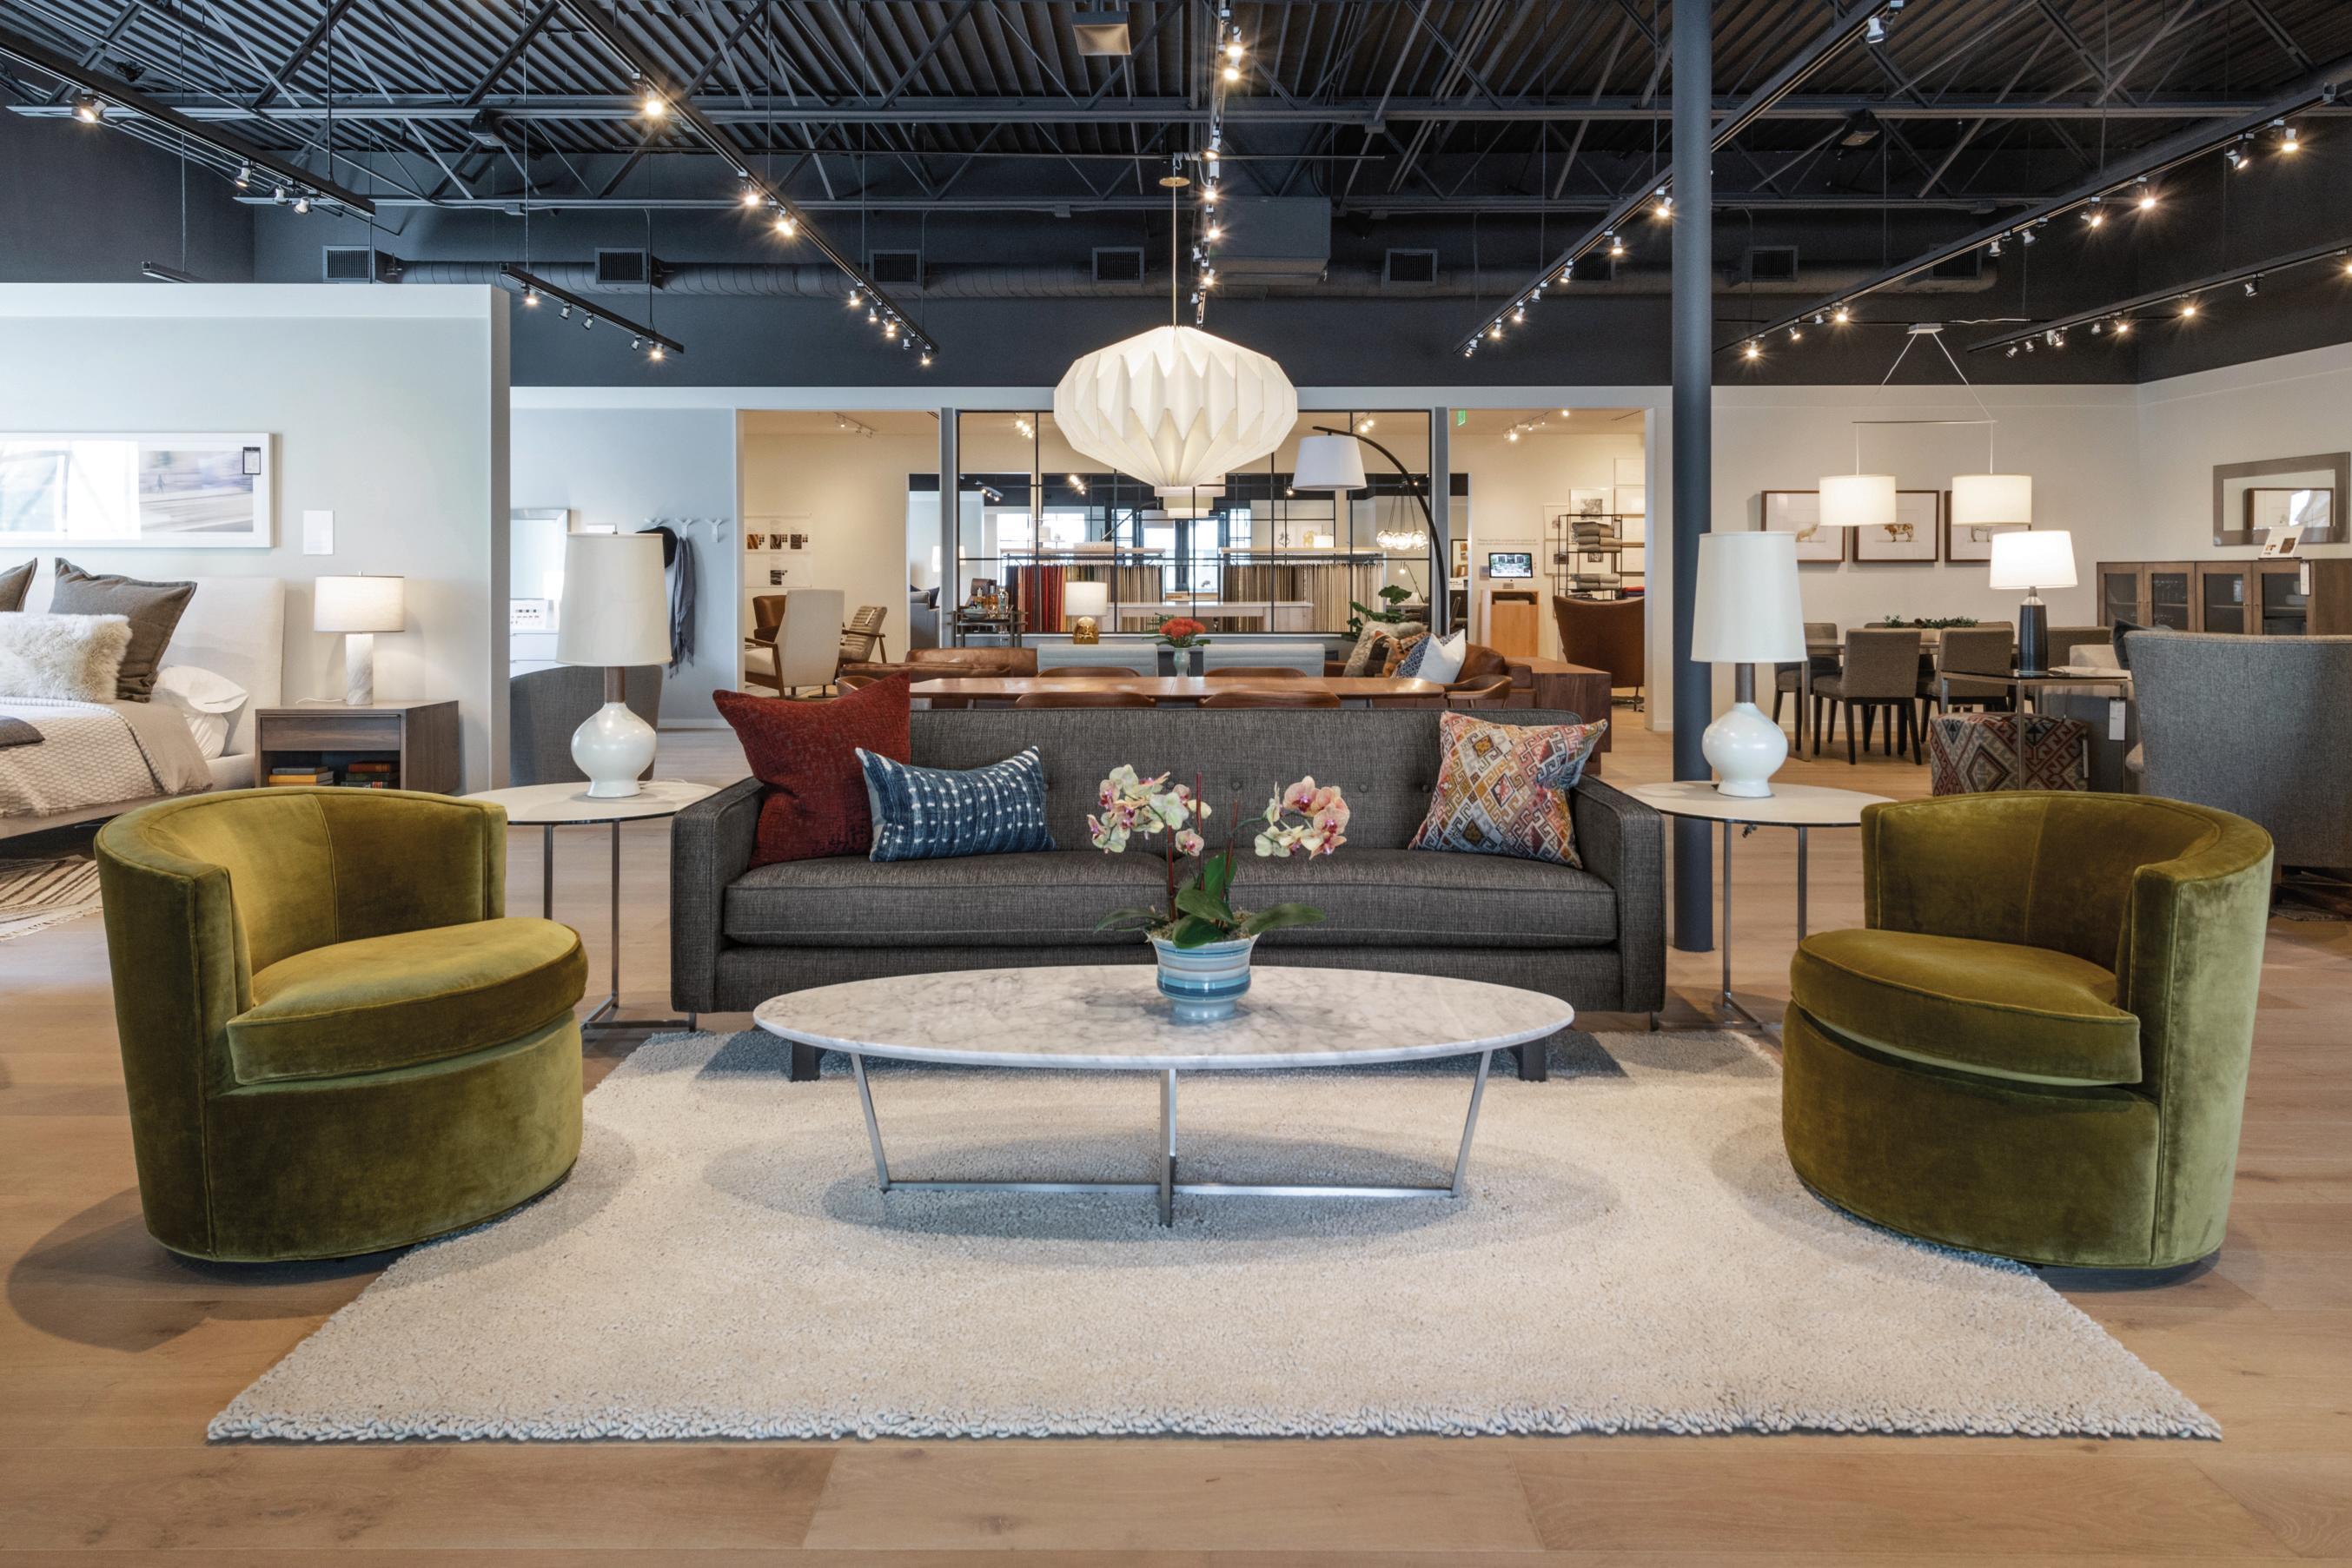 Room & Board 4524 McKinney Avenue Dallas TX Furniture Stores MapQuest